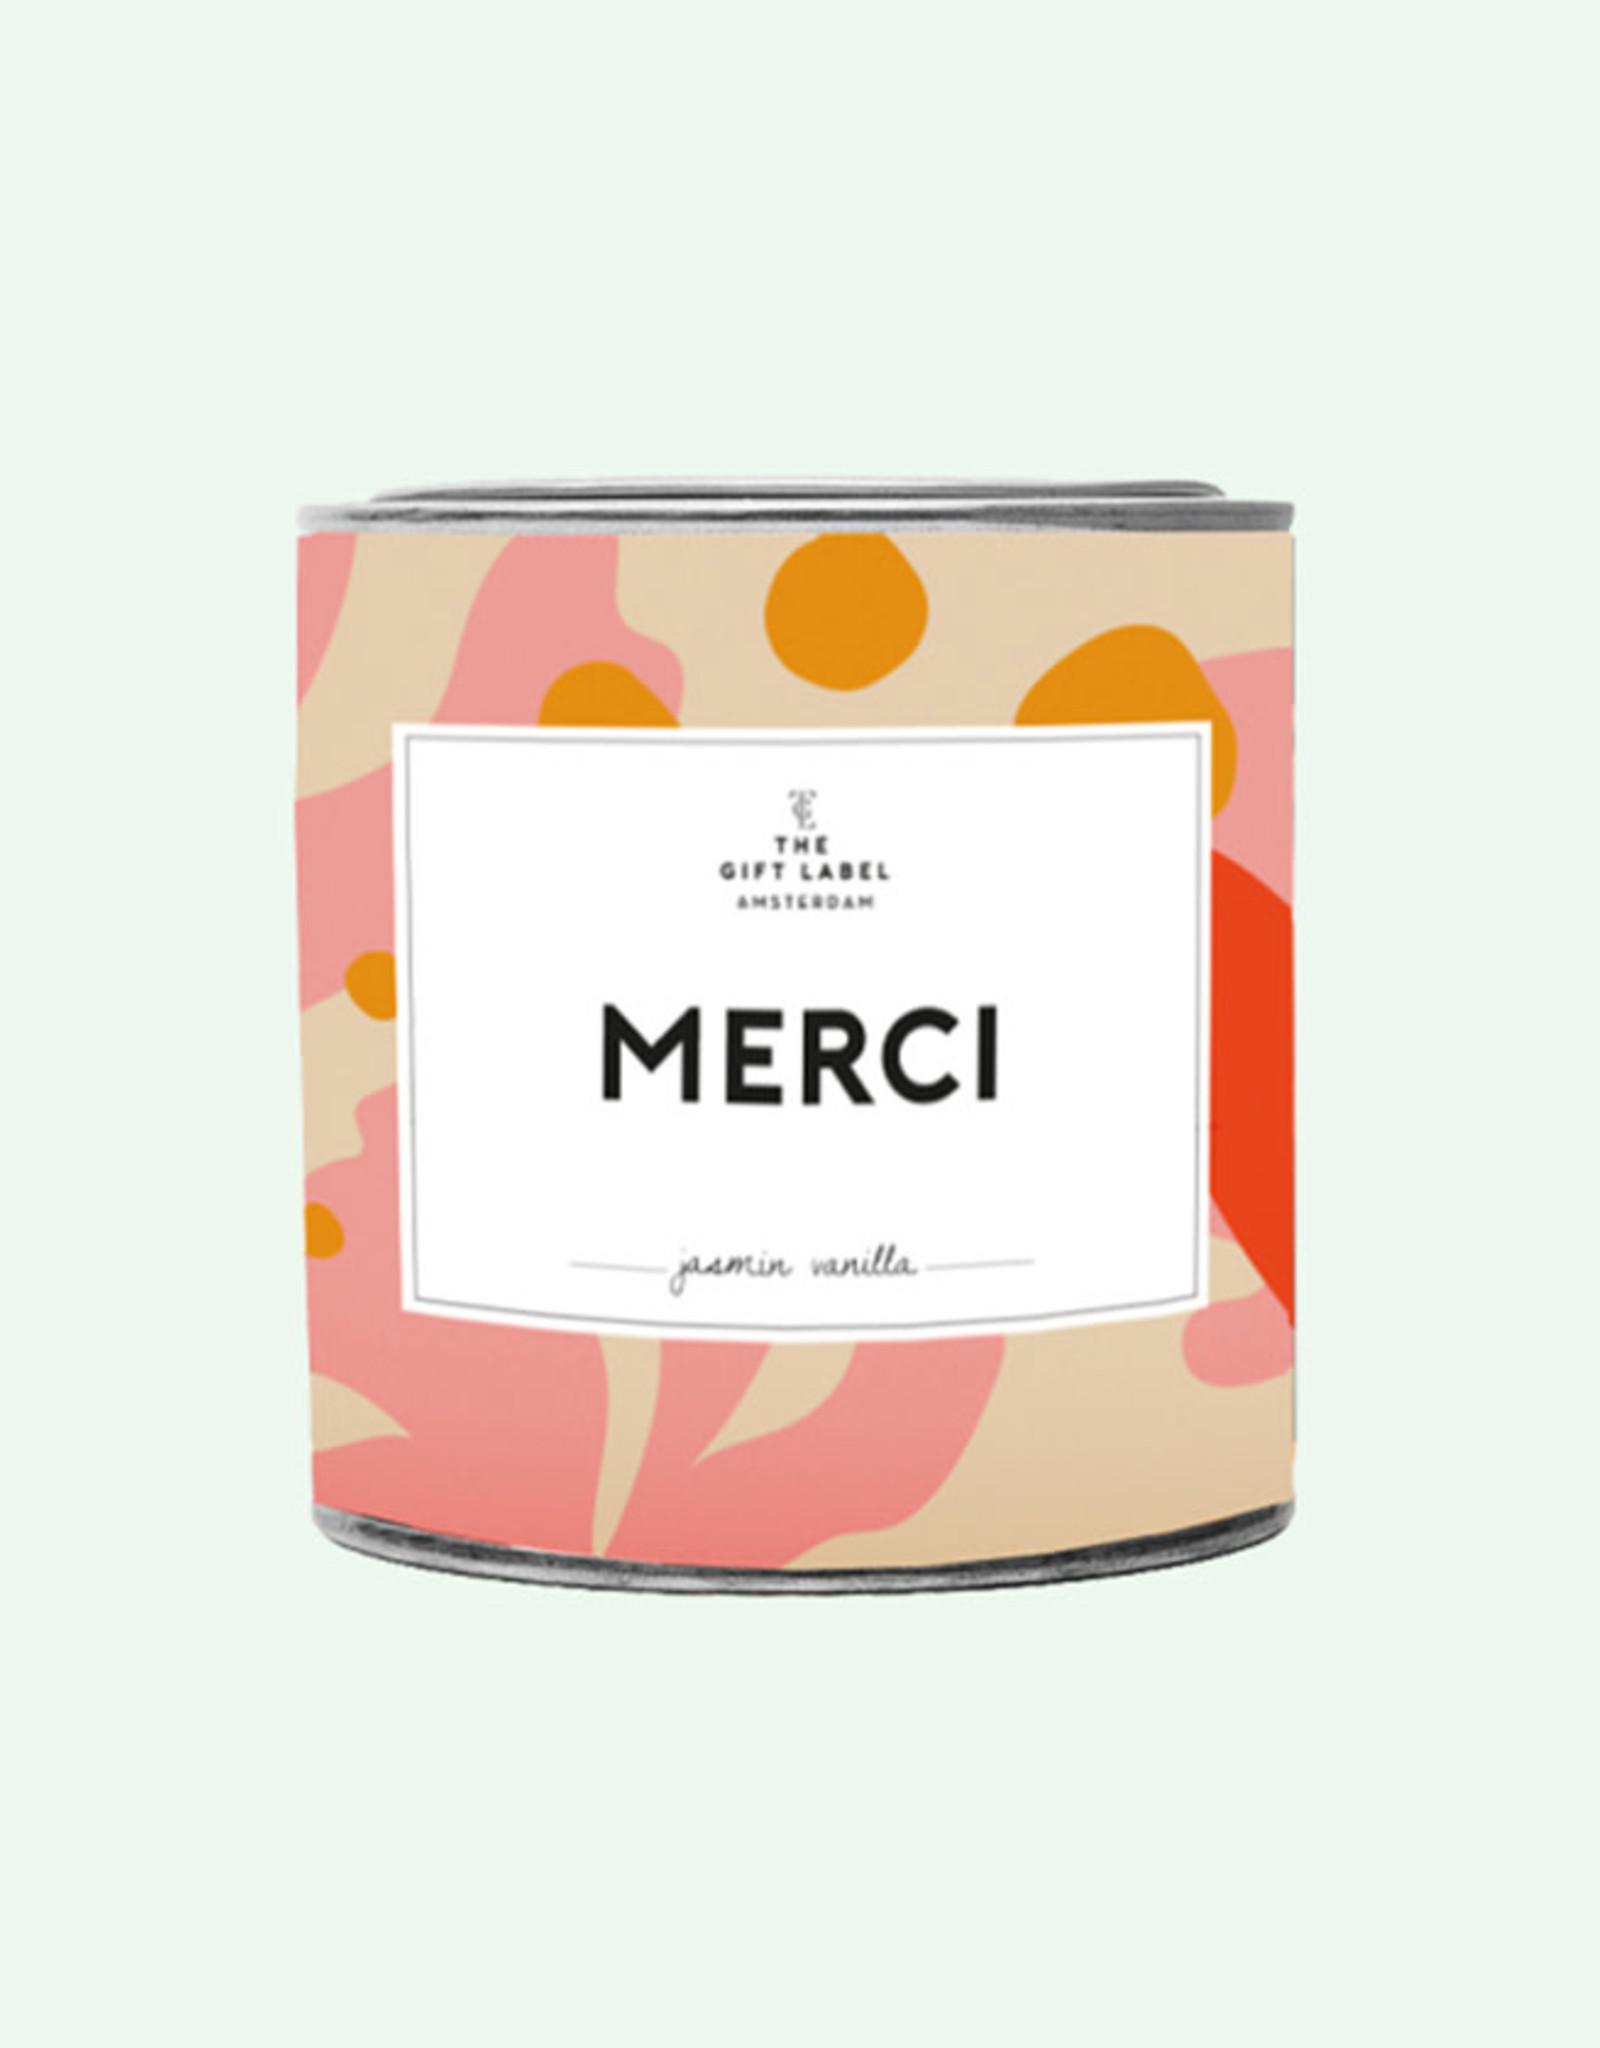 The Gift Label Geurkaars large-Merci (jasmin/vanilla)